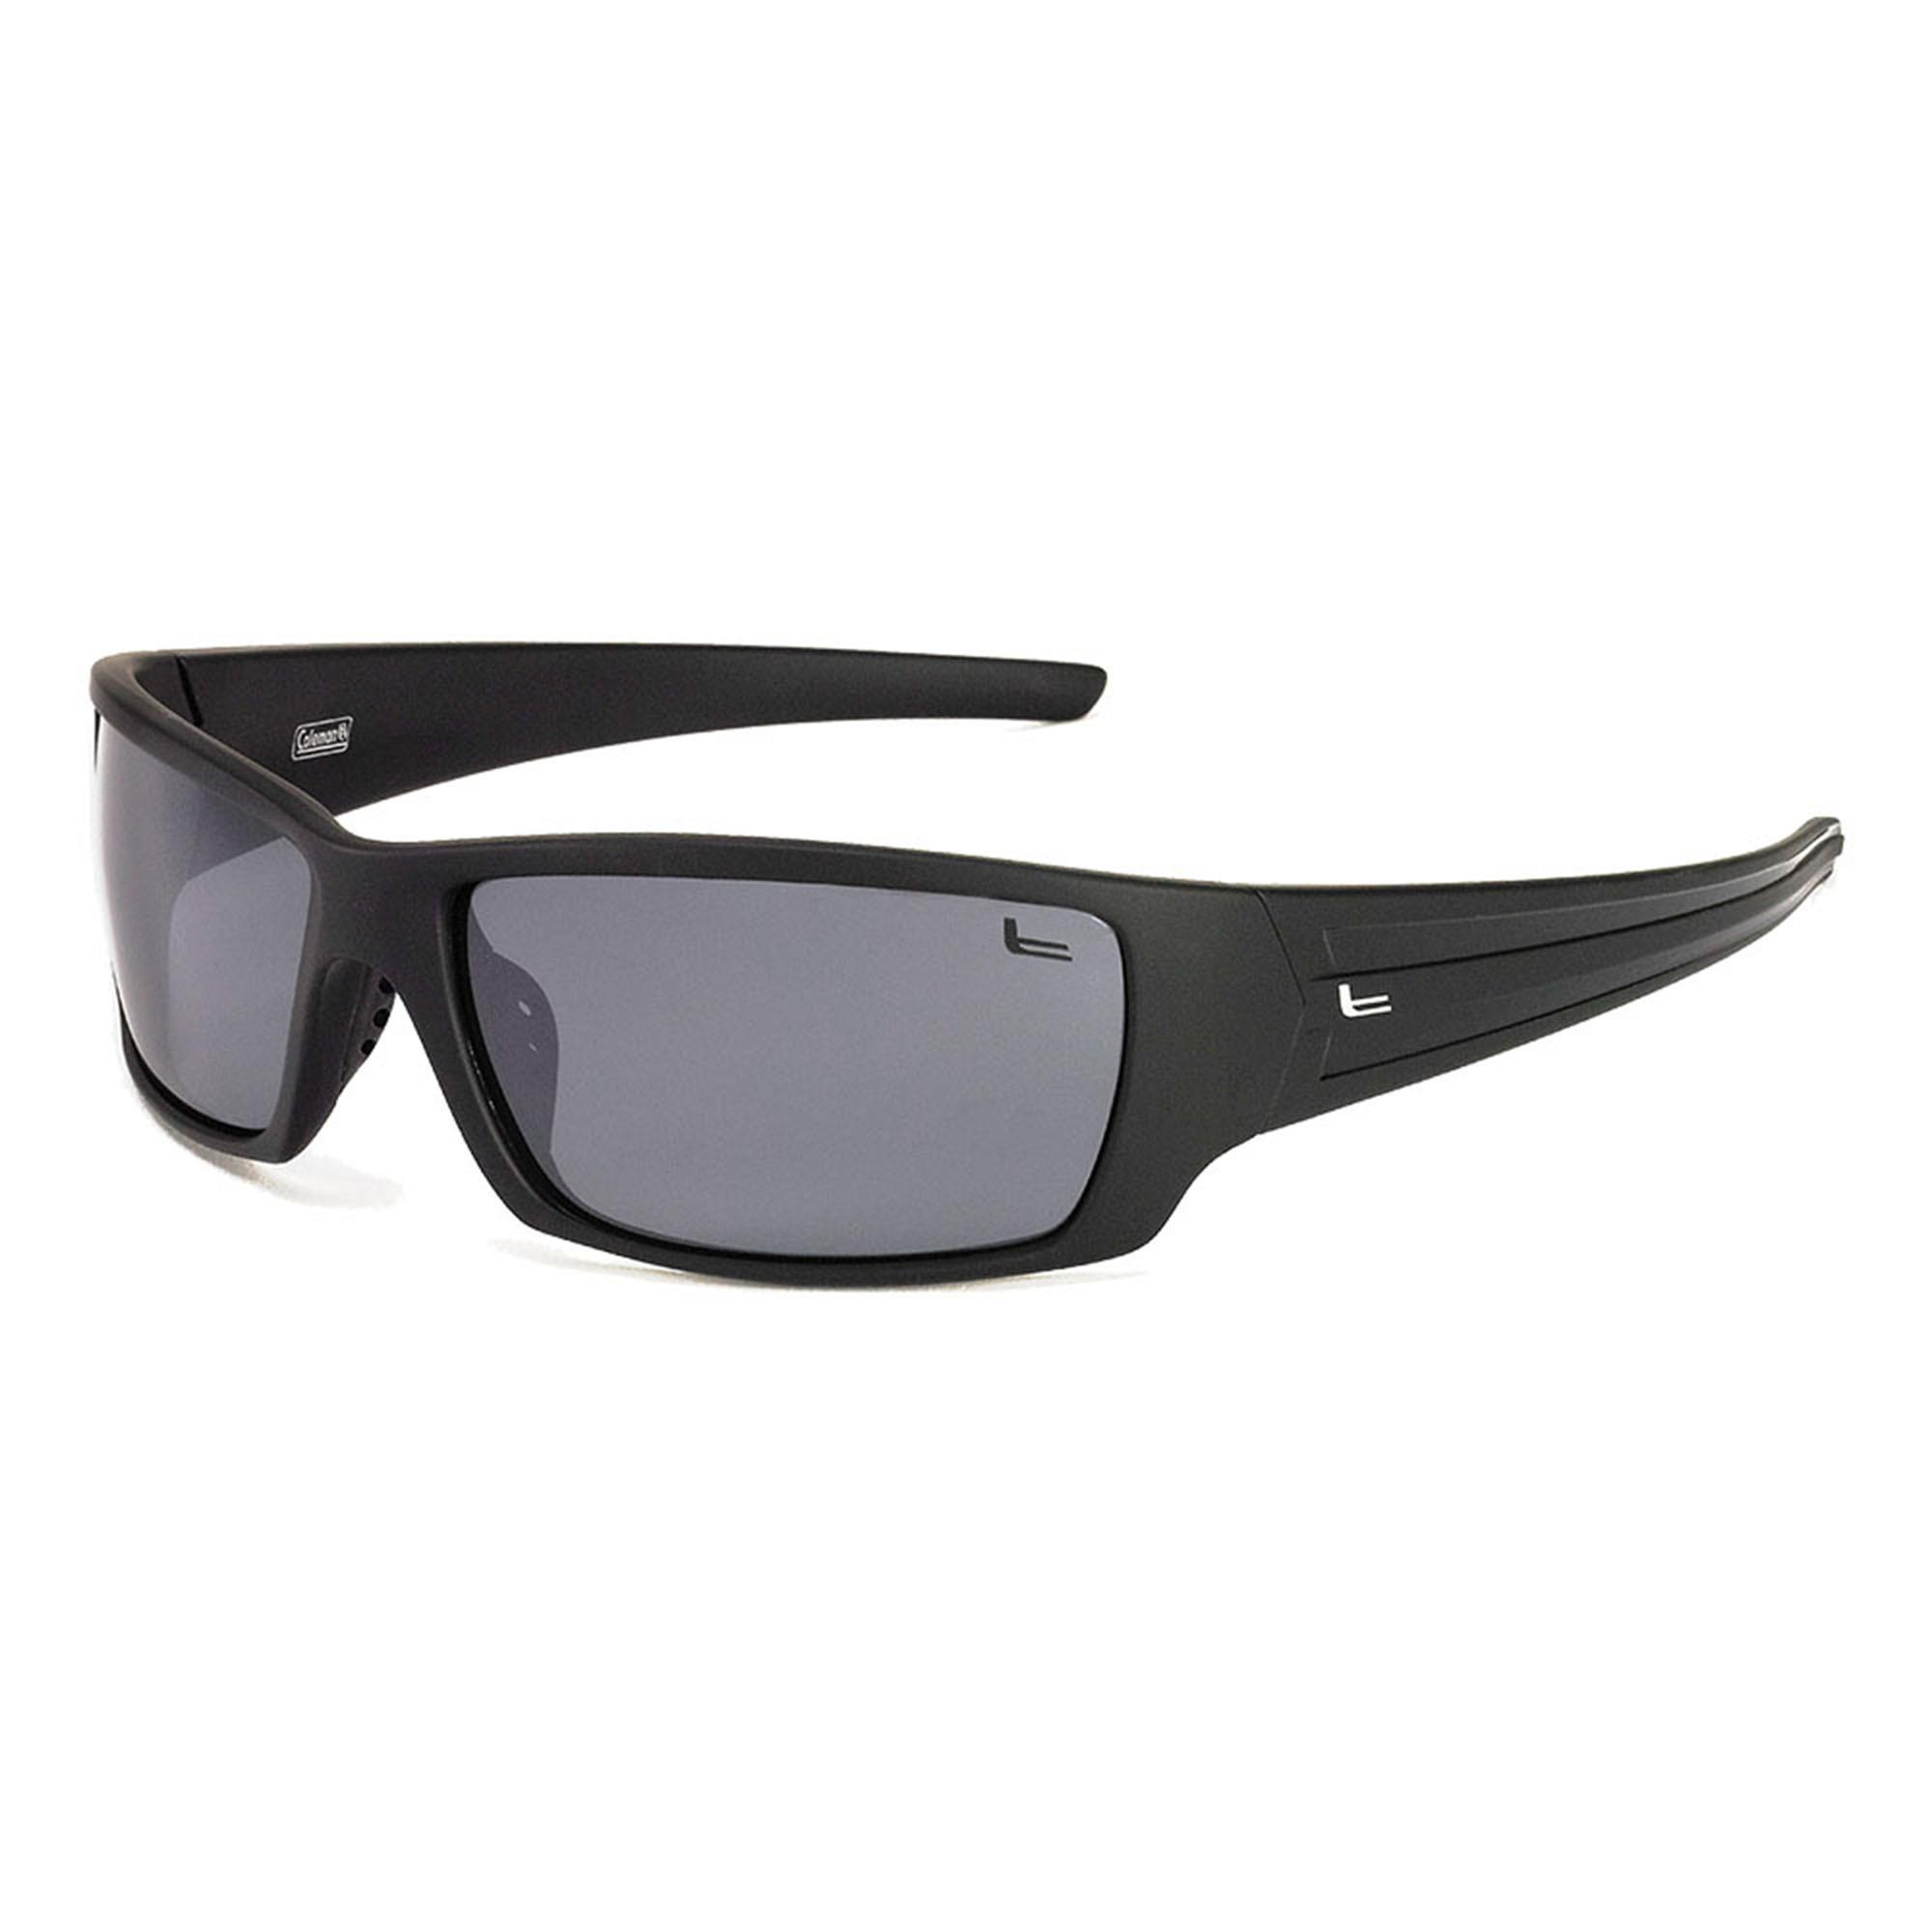 Oculos de Sol Coleman Polarizado - C6044C2 - Invicta 5f380caa6c